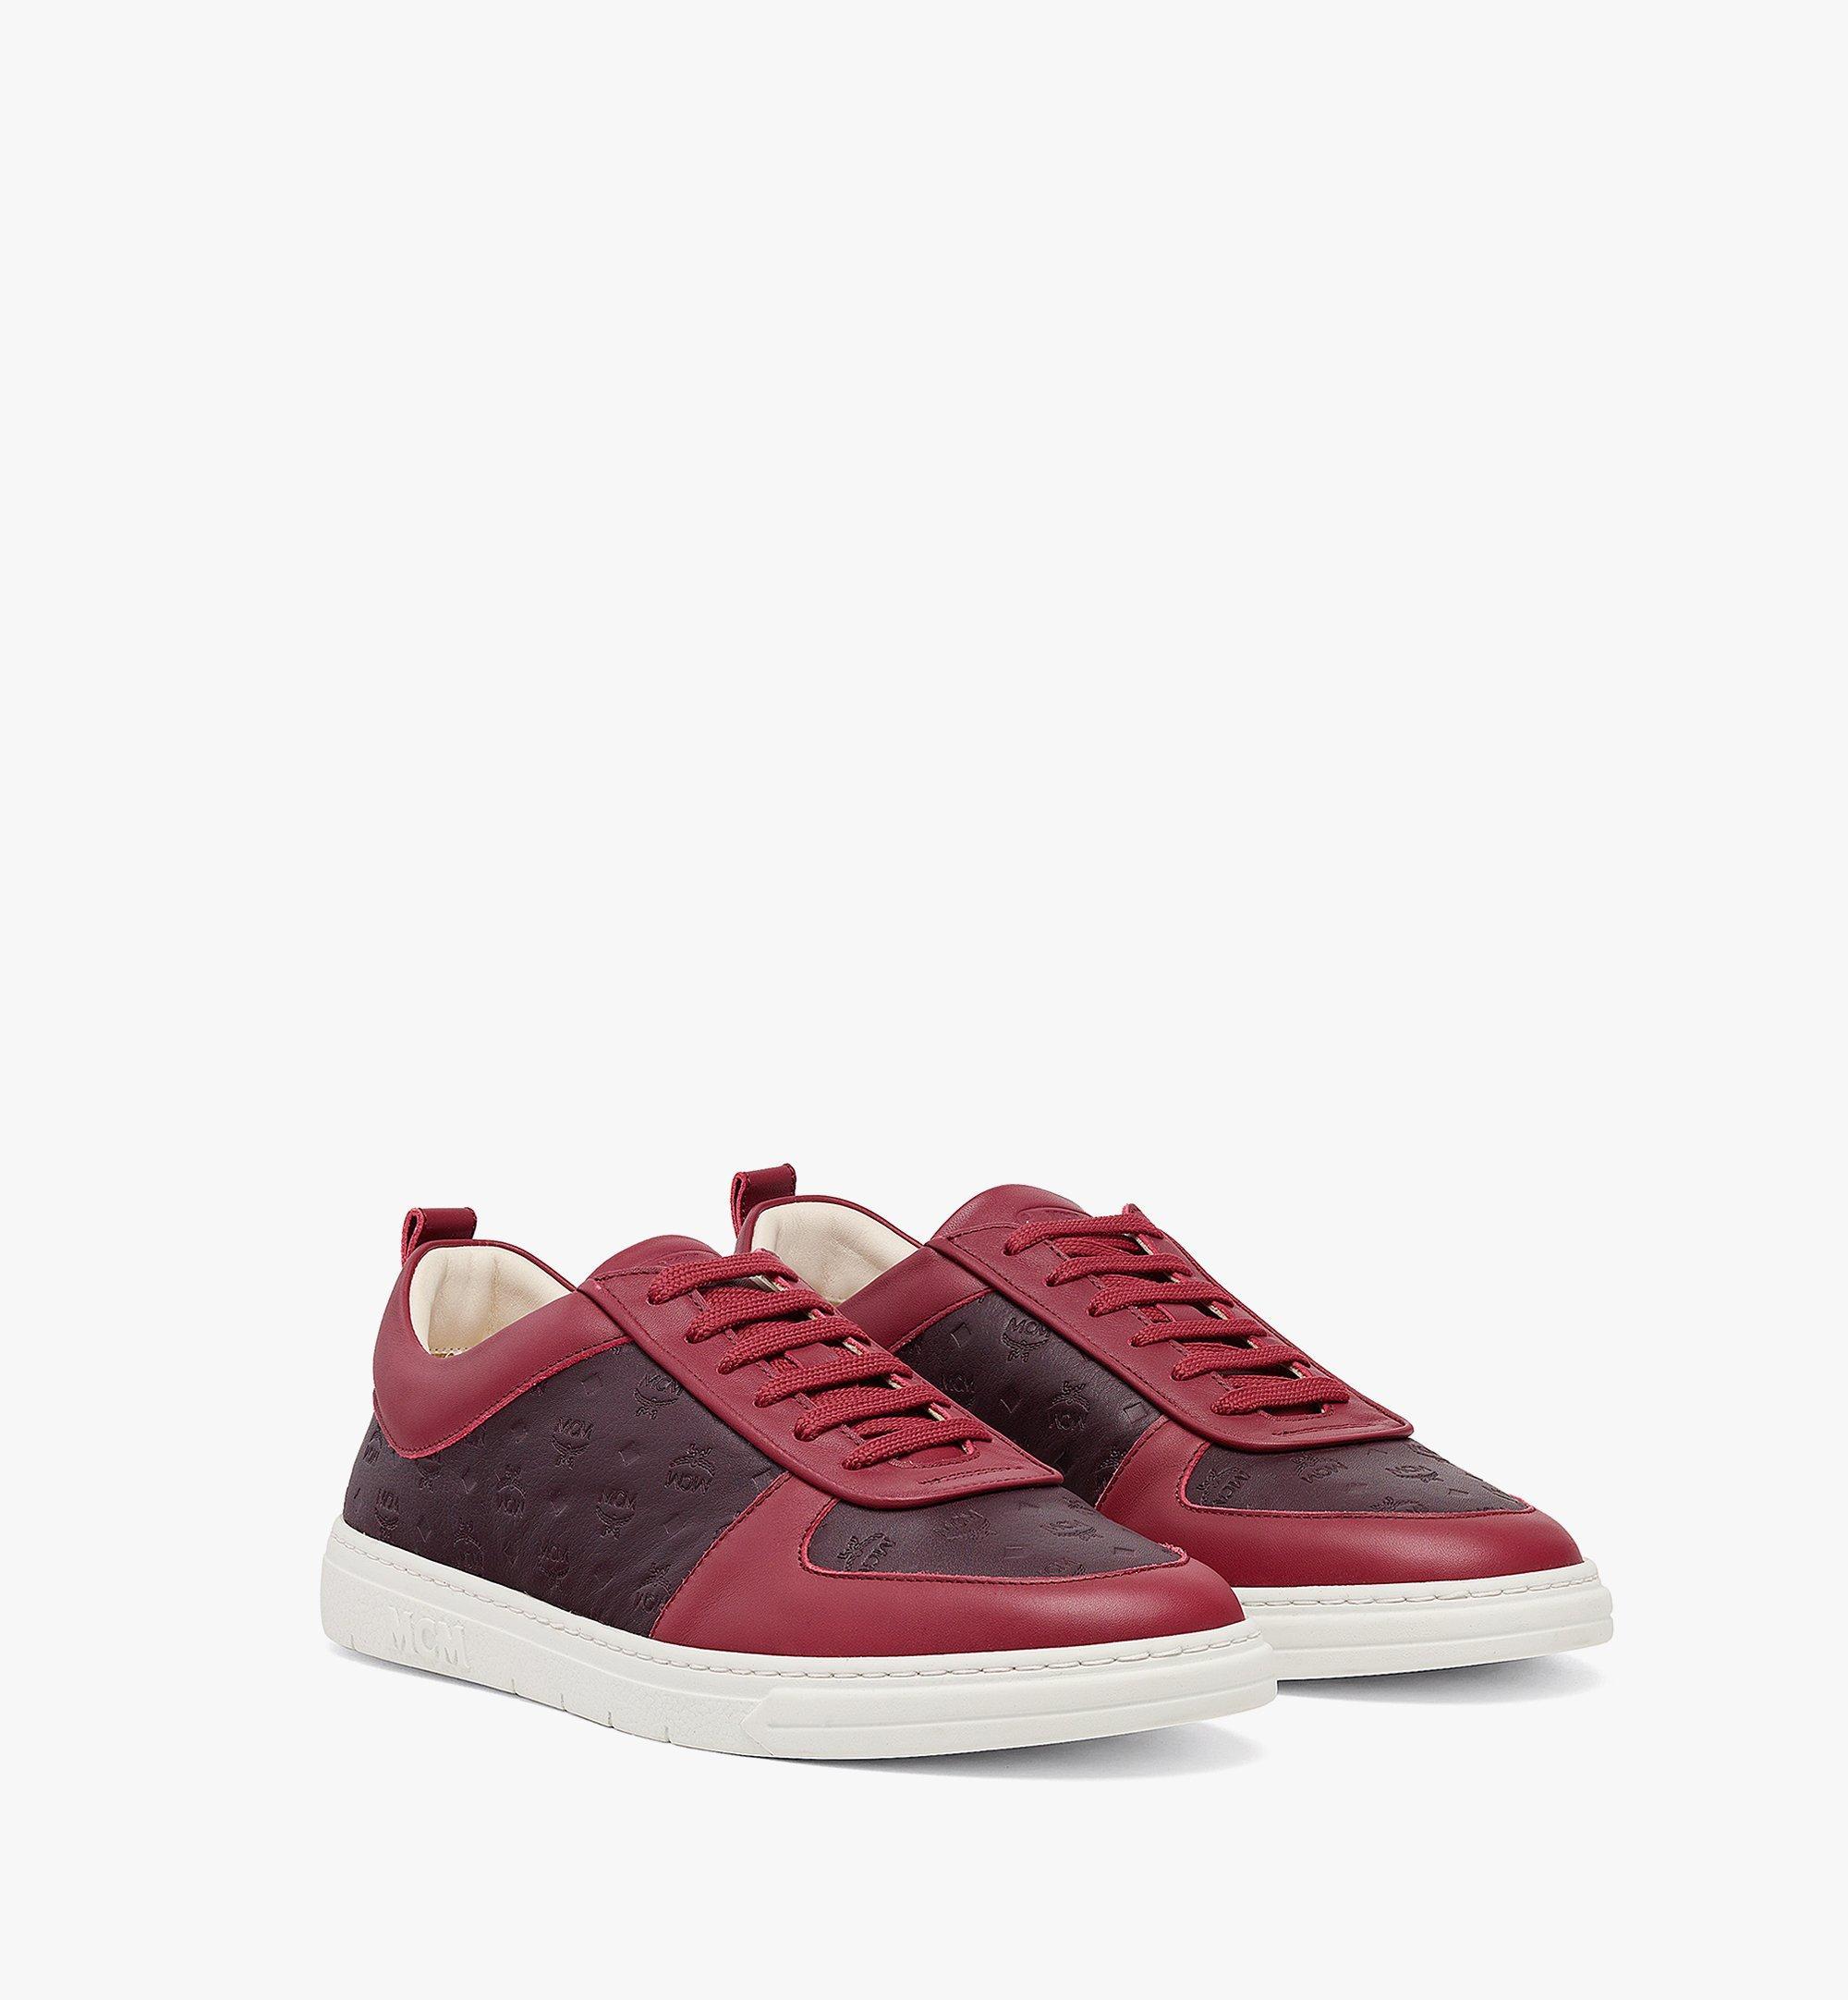 MCM Men's Sustainable Terrain Lo Sneakers in Monogram Leather Brown MEXBAMM01N9042 Alternate View 1